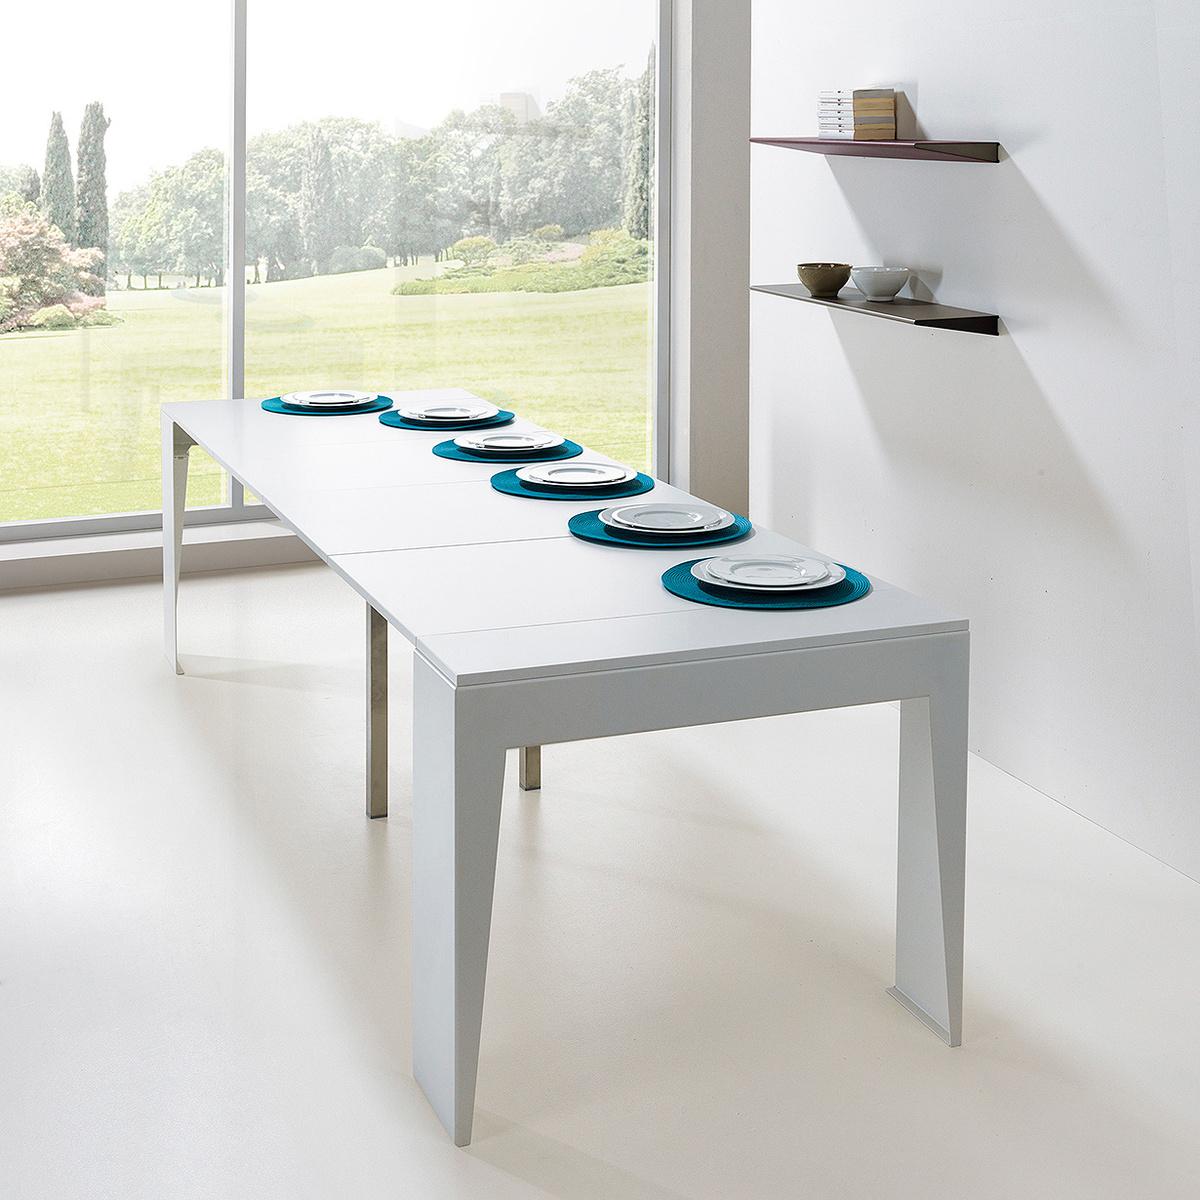 Consolle allungabile marvel con larghezza 90 cm by pezzani lovethesign - Larghezza tavolo ...